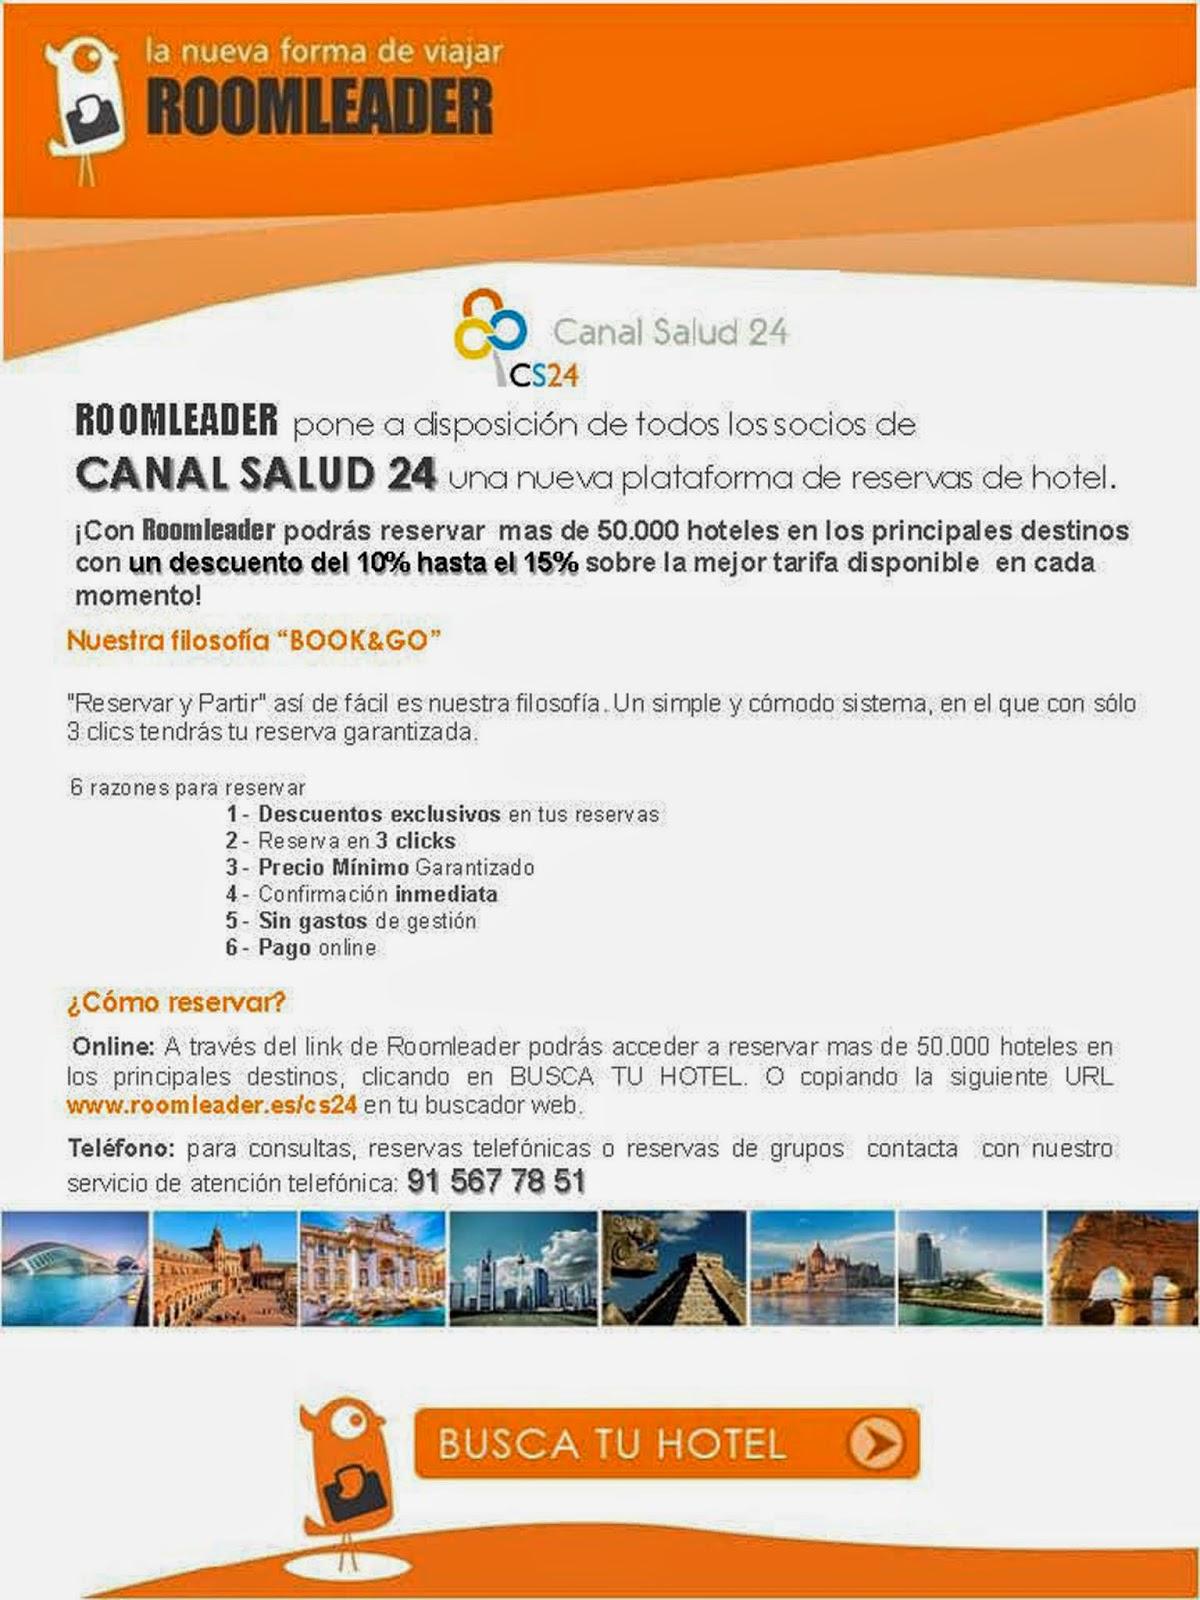 http://www.roomleader.es/cs24